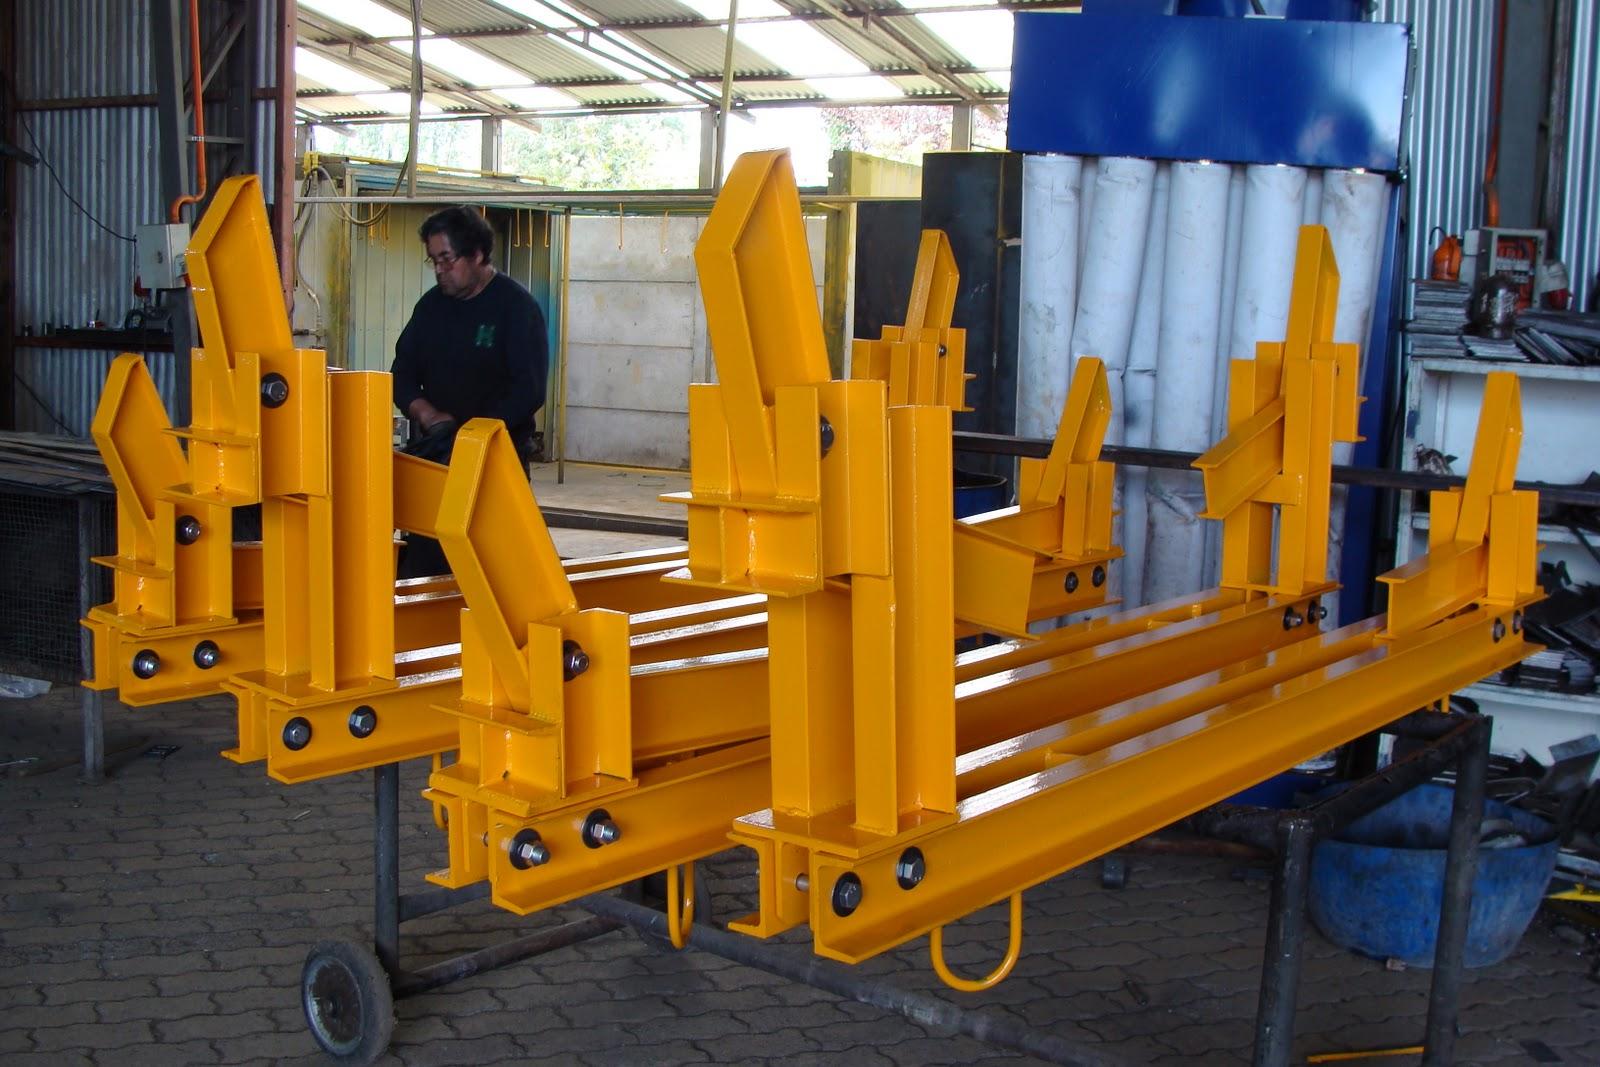 Dise o industrial y muebles maestranza dhs - Diseno industrial malaga ...